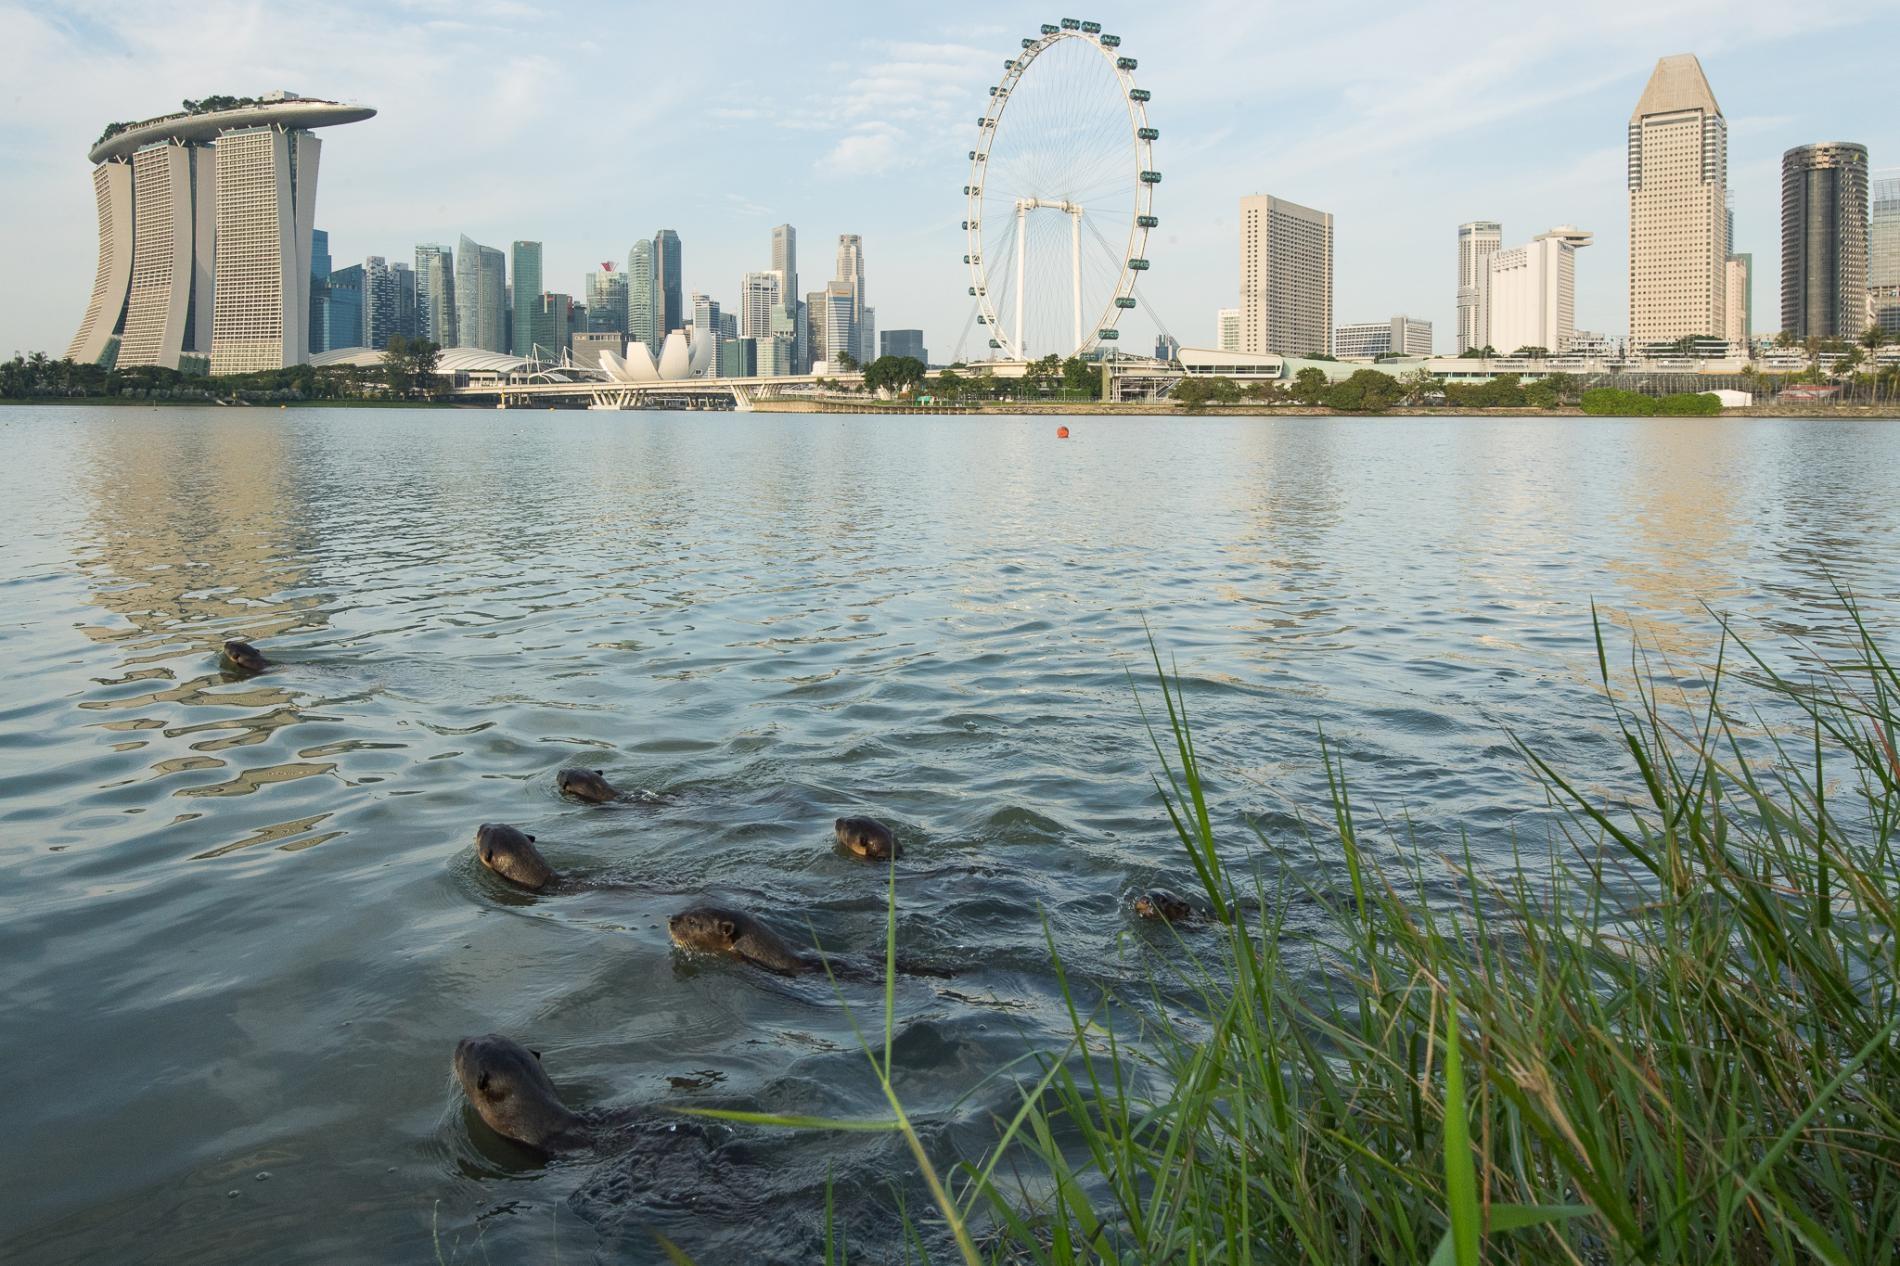 碧山家族在濱海灣游泳,背景是標誌性的新加坡天際線。PHOTOGRAPH BY STEFANO UNTERTHINER